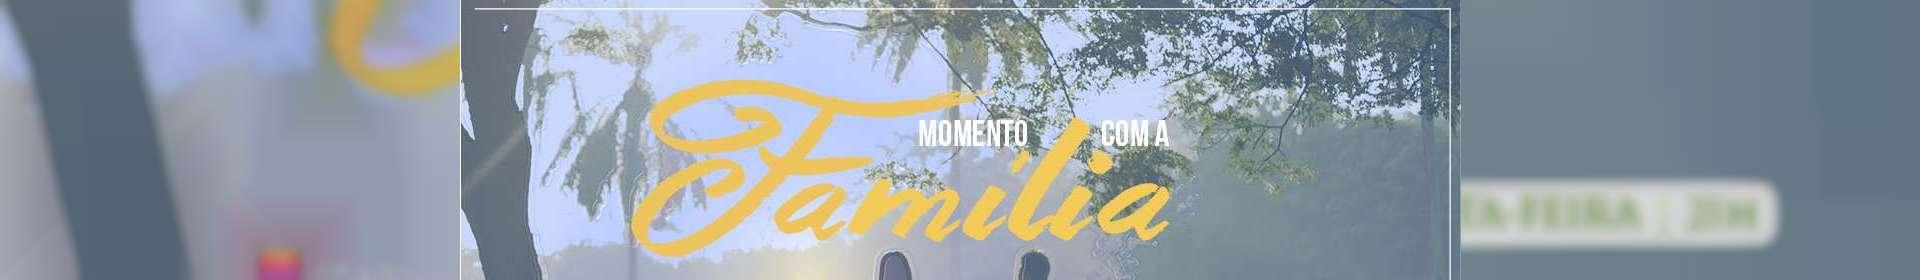 Momento com a Família - 20/12/2019